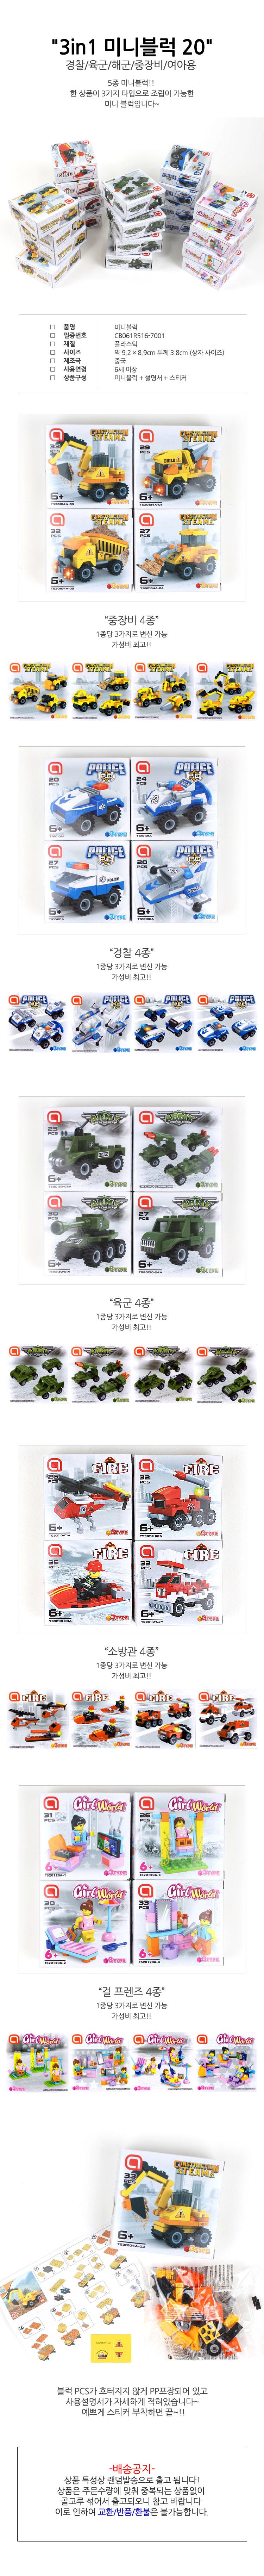 3in1 1000 미니블럭 20종 랜덤발송 - 아이펀즈, 1,000원, 레고/블록, 블록완구